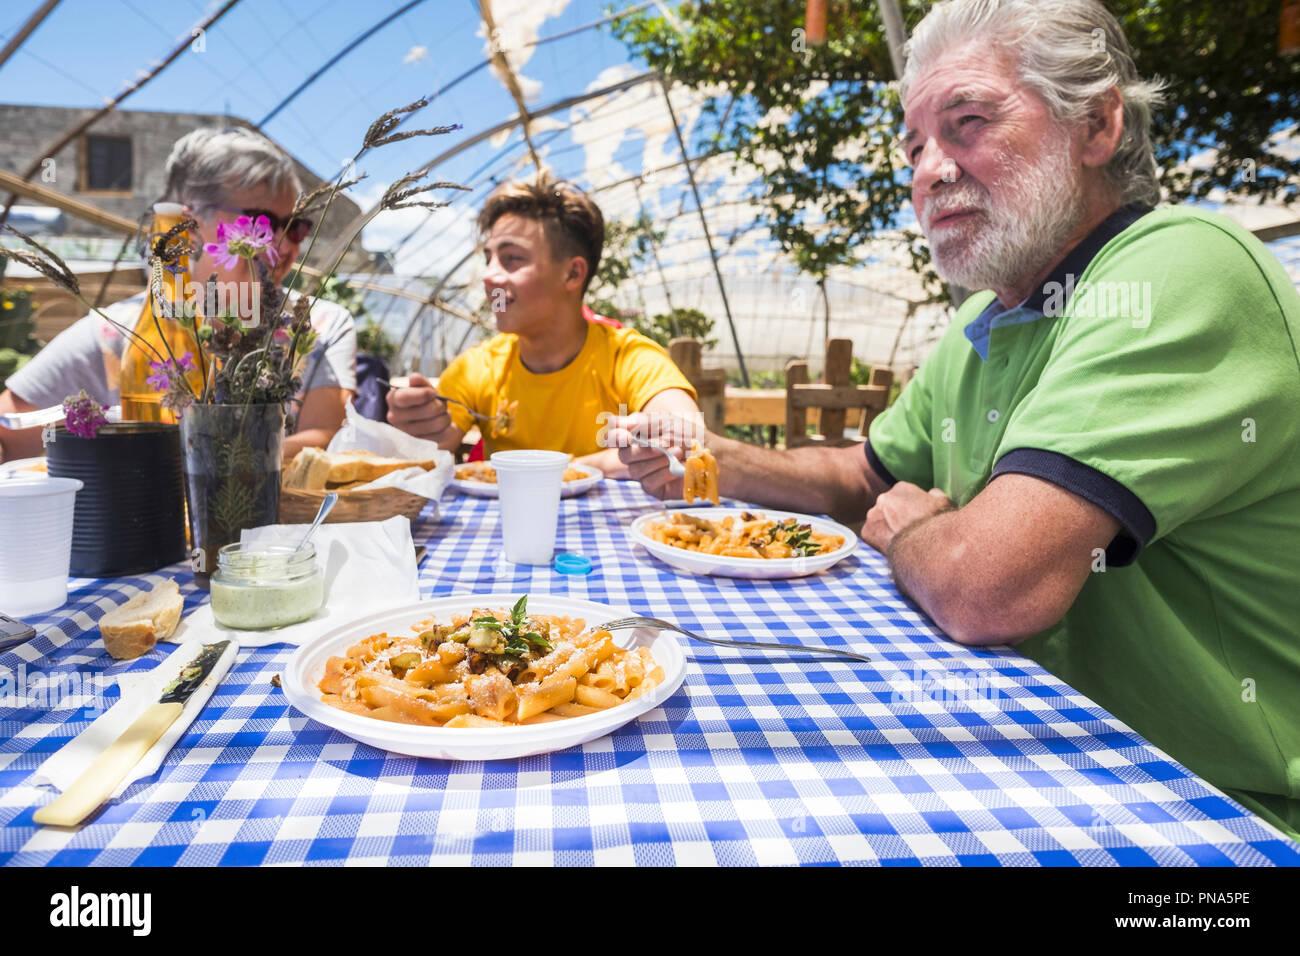 Grands-pères et fils ensemble dans un autre concept nature biologique restaurant avec la cuisine italienne, des pâtes sur la table s'amusant dans friendshi Photo Stock